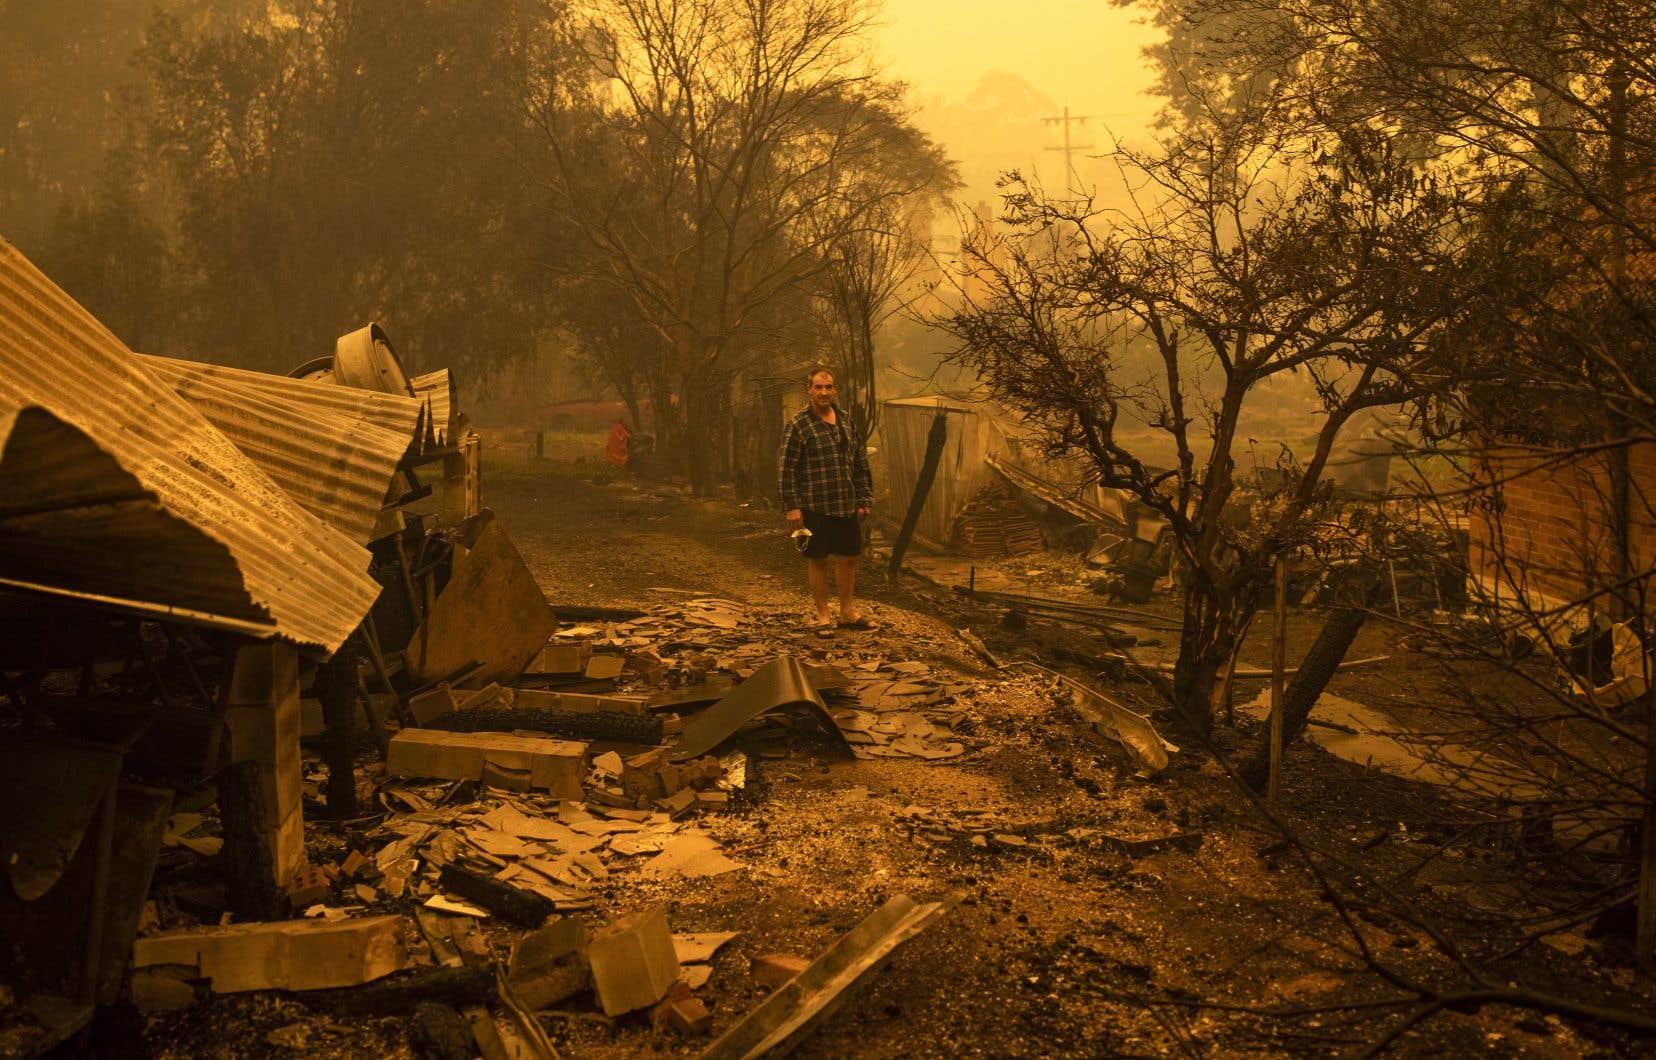 Un grand nombre de ces catastrophes ont causé des dégâts d'au moins 5 milliards de dollars, comme les incendies qui ont ravagé l'Australie en janvier dernier